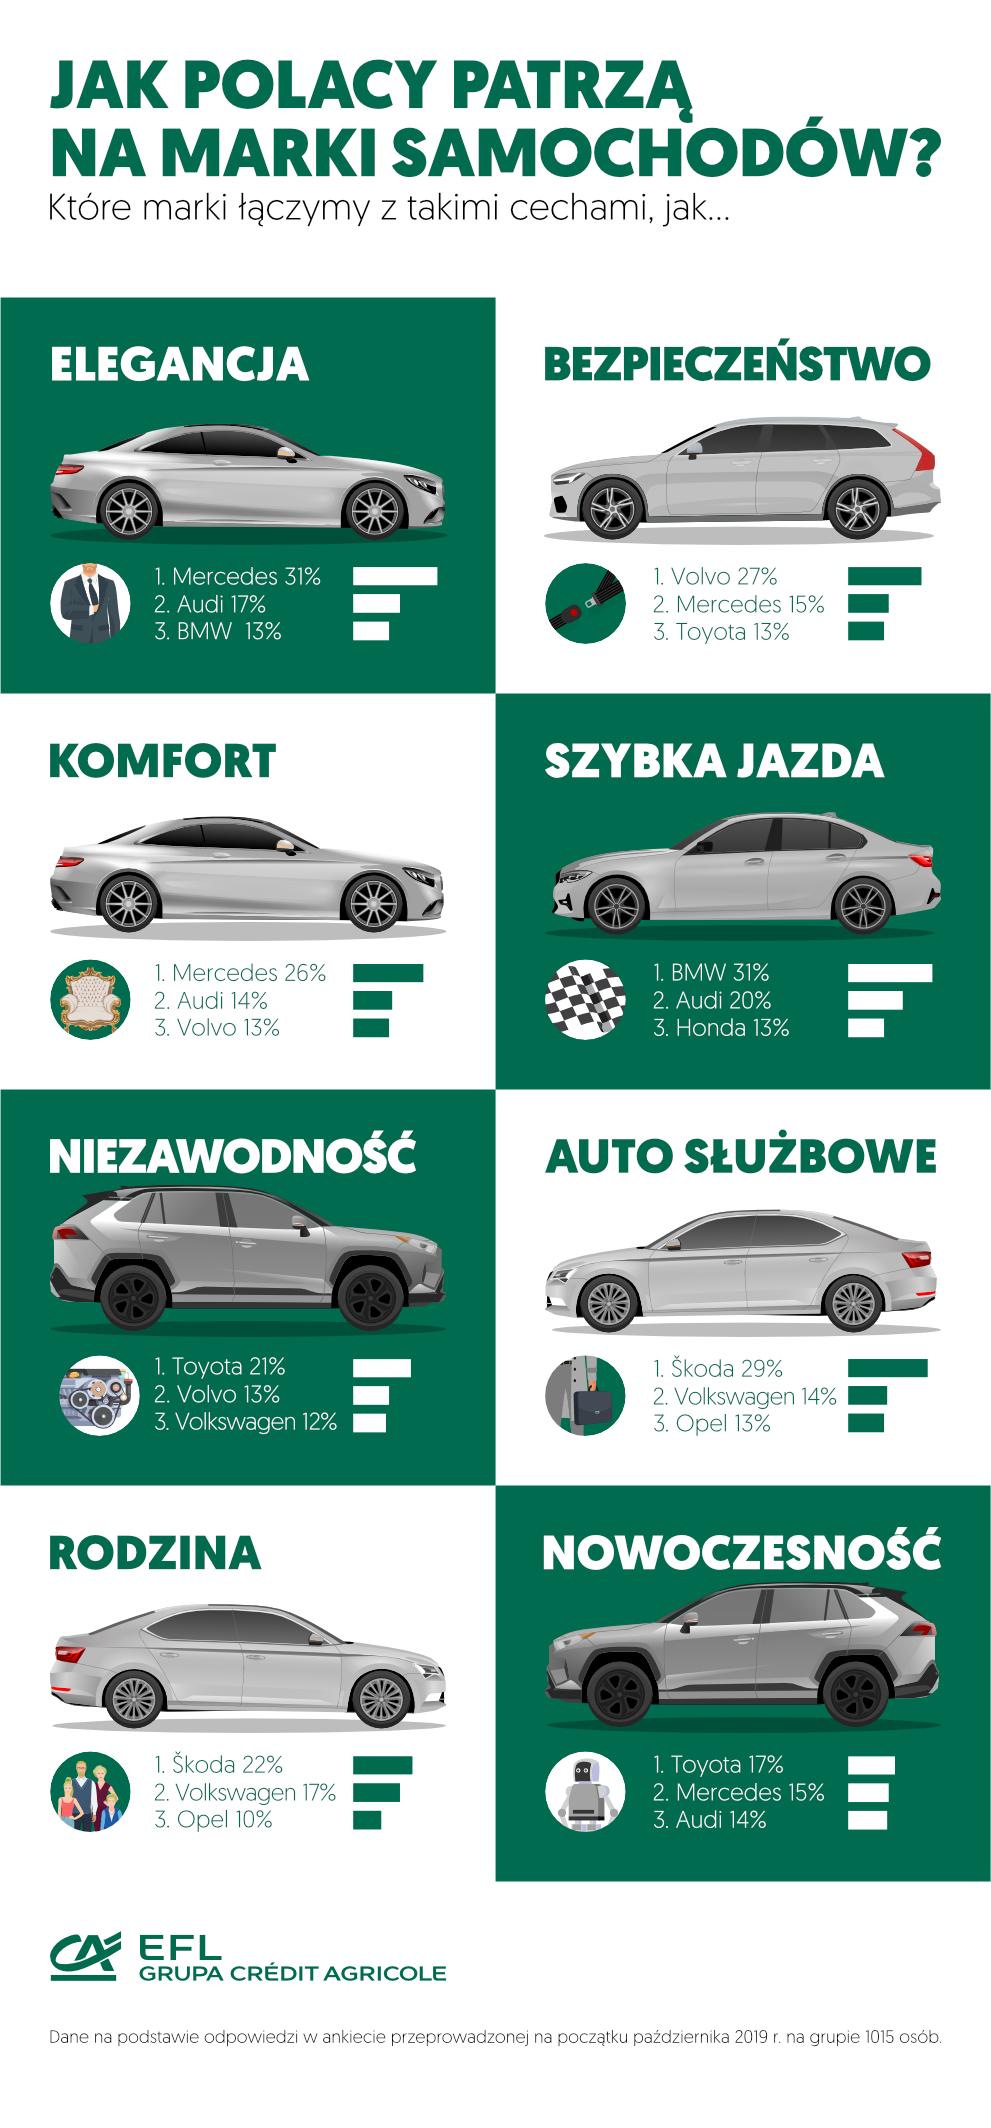 Jakie cechy Polacy przypisują markom samochodowym